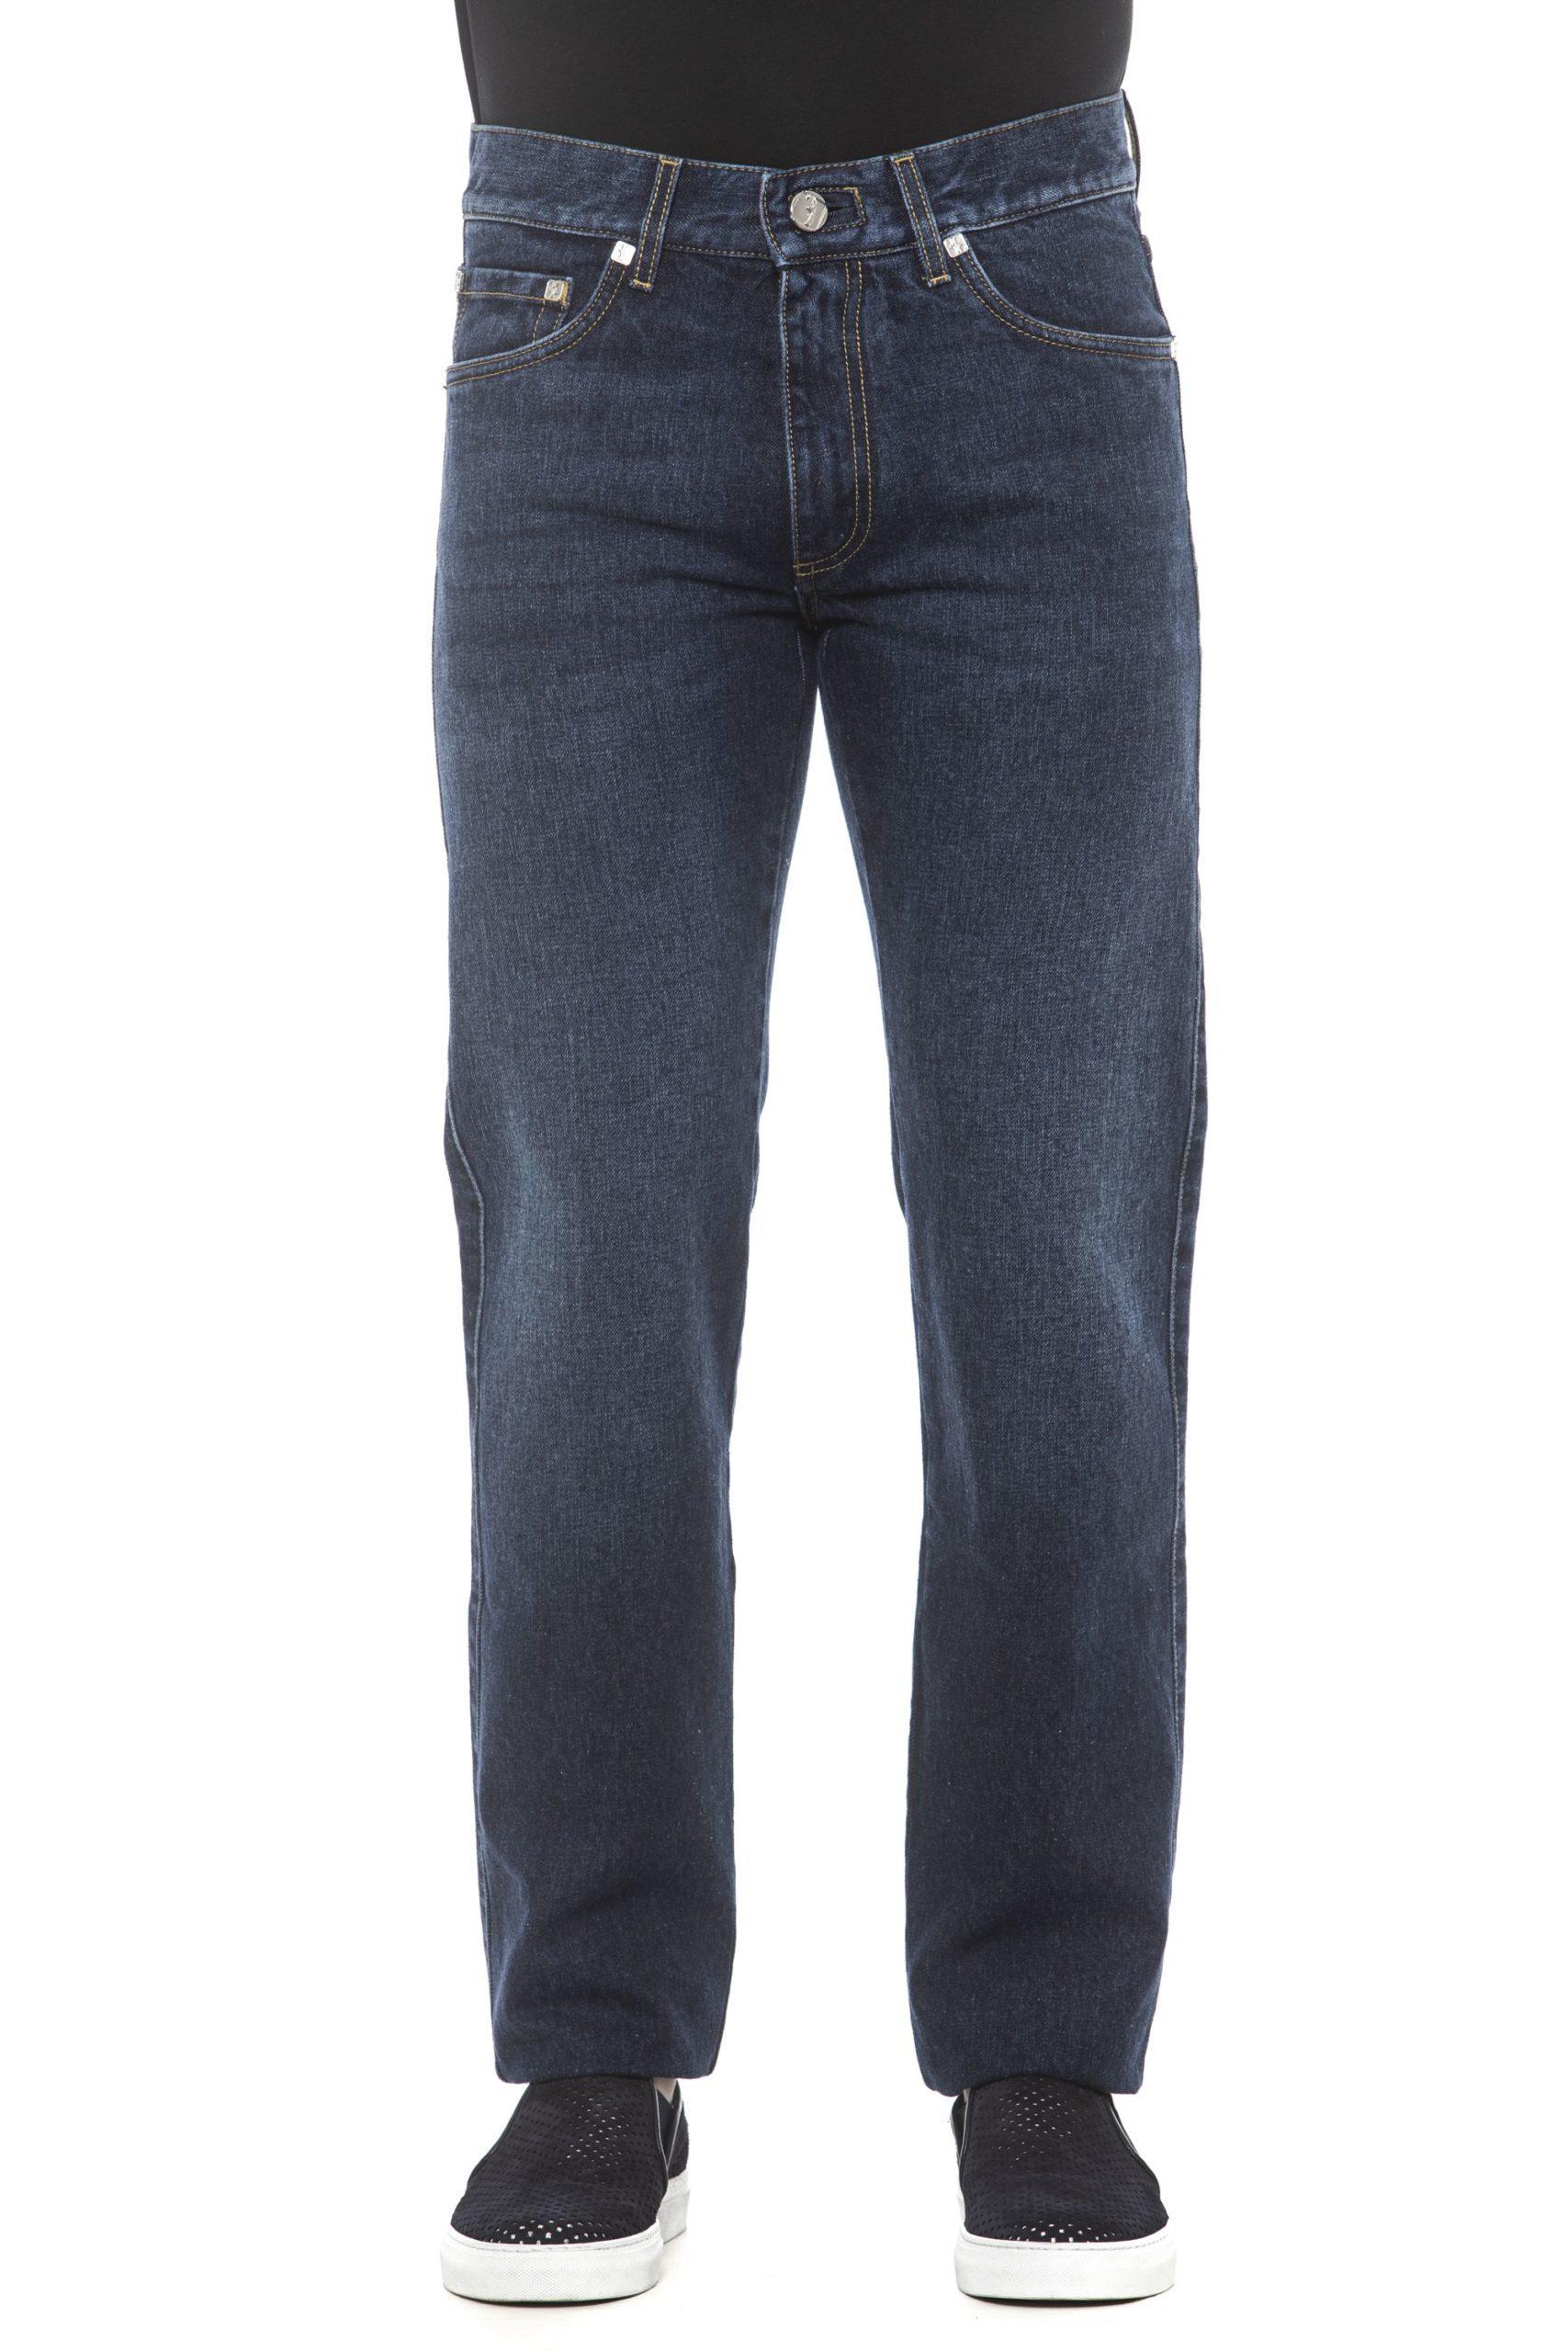 Billionaire Italian Couture Men's Jeans Blue BI1405221 - IT46   S